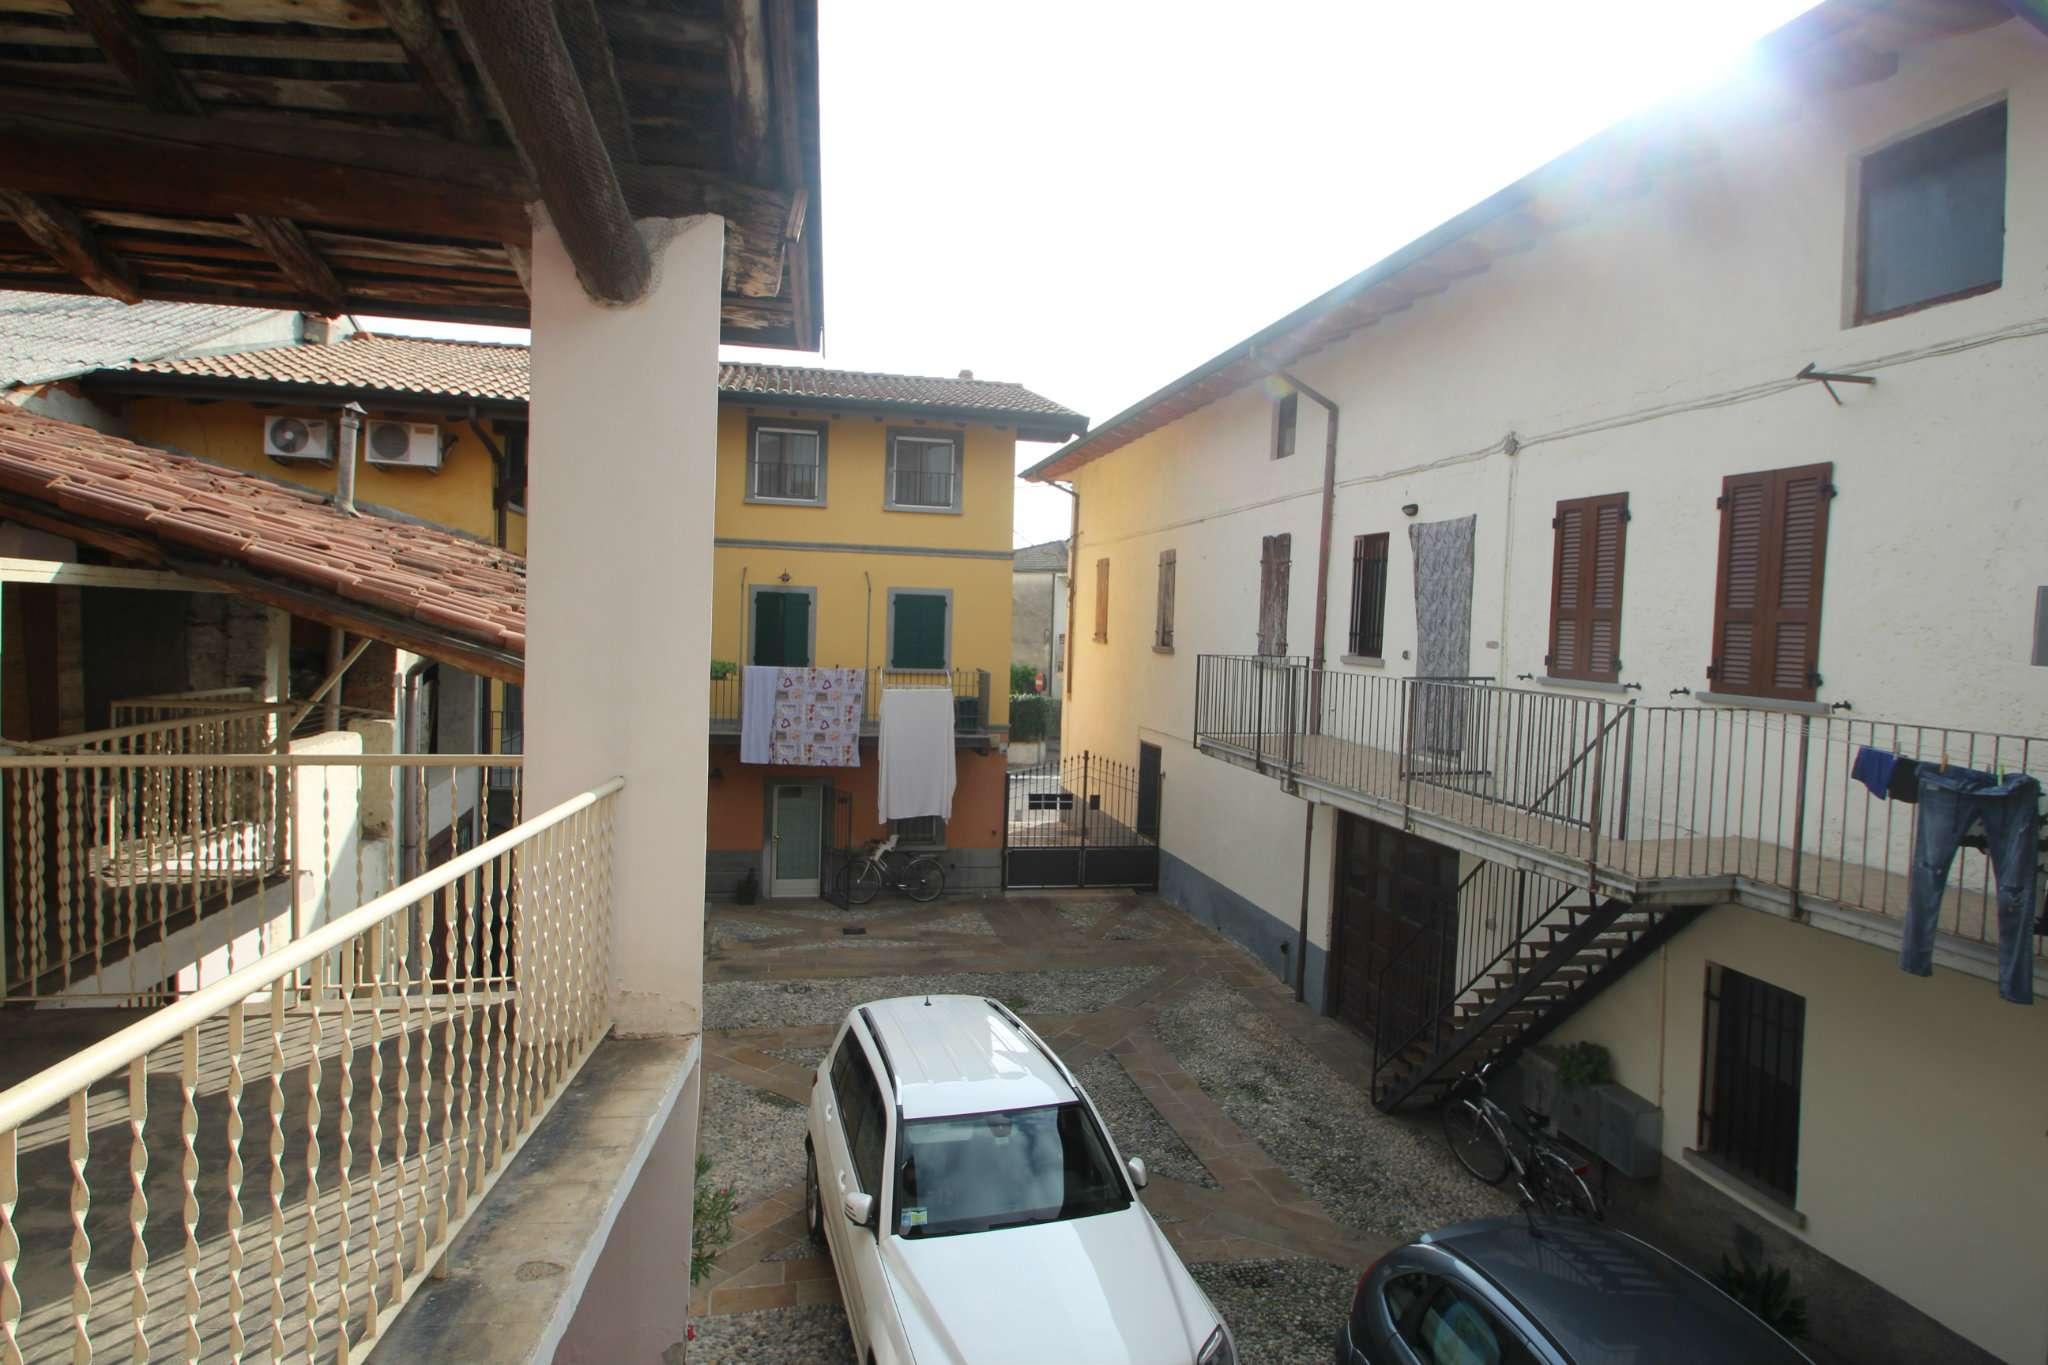 Appartamento in vendita a Cividate al Piano, 2 locali, prezzo € 25.000 | CambioCasa.it